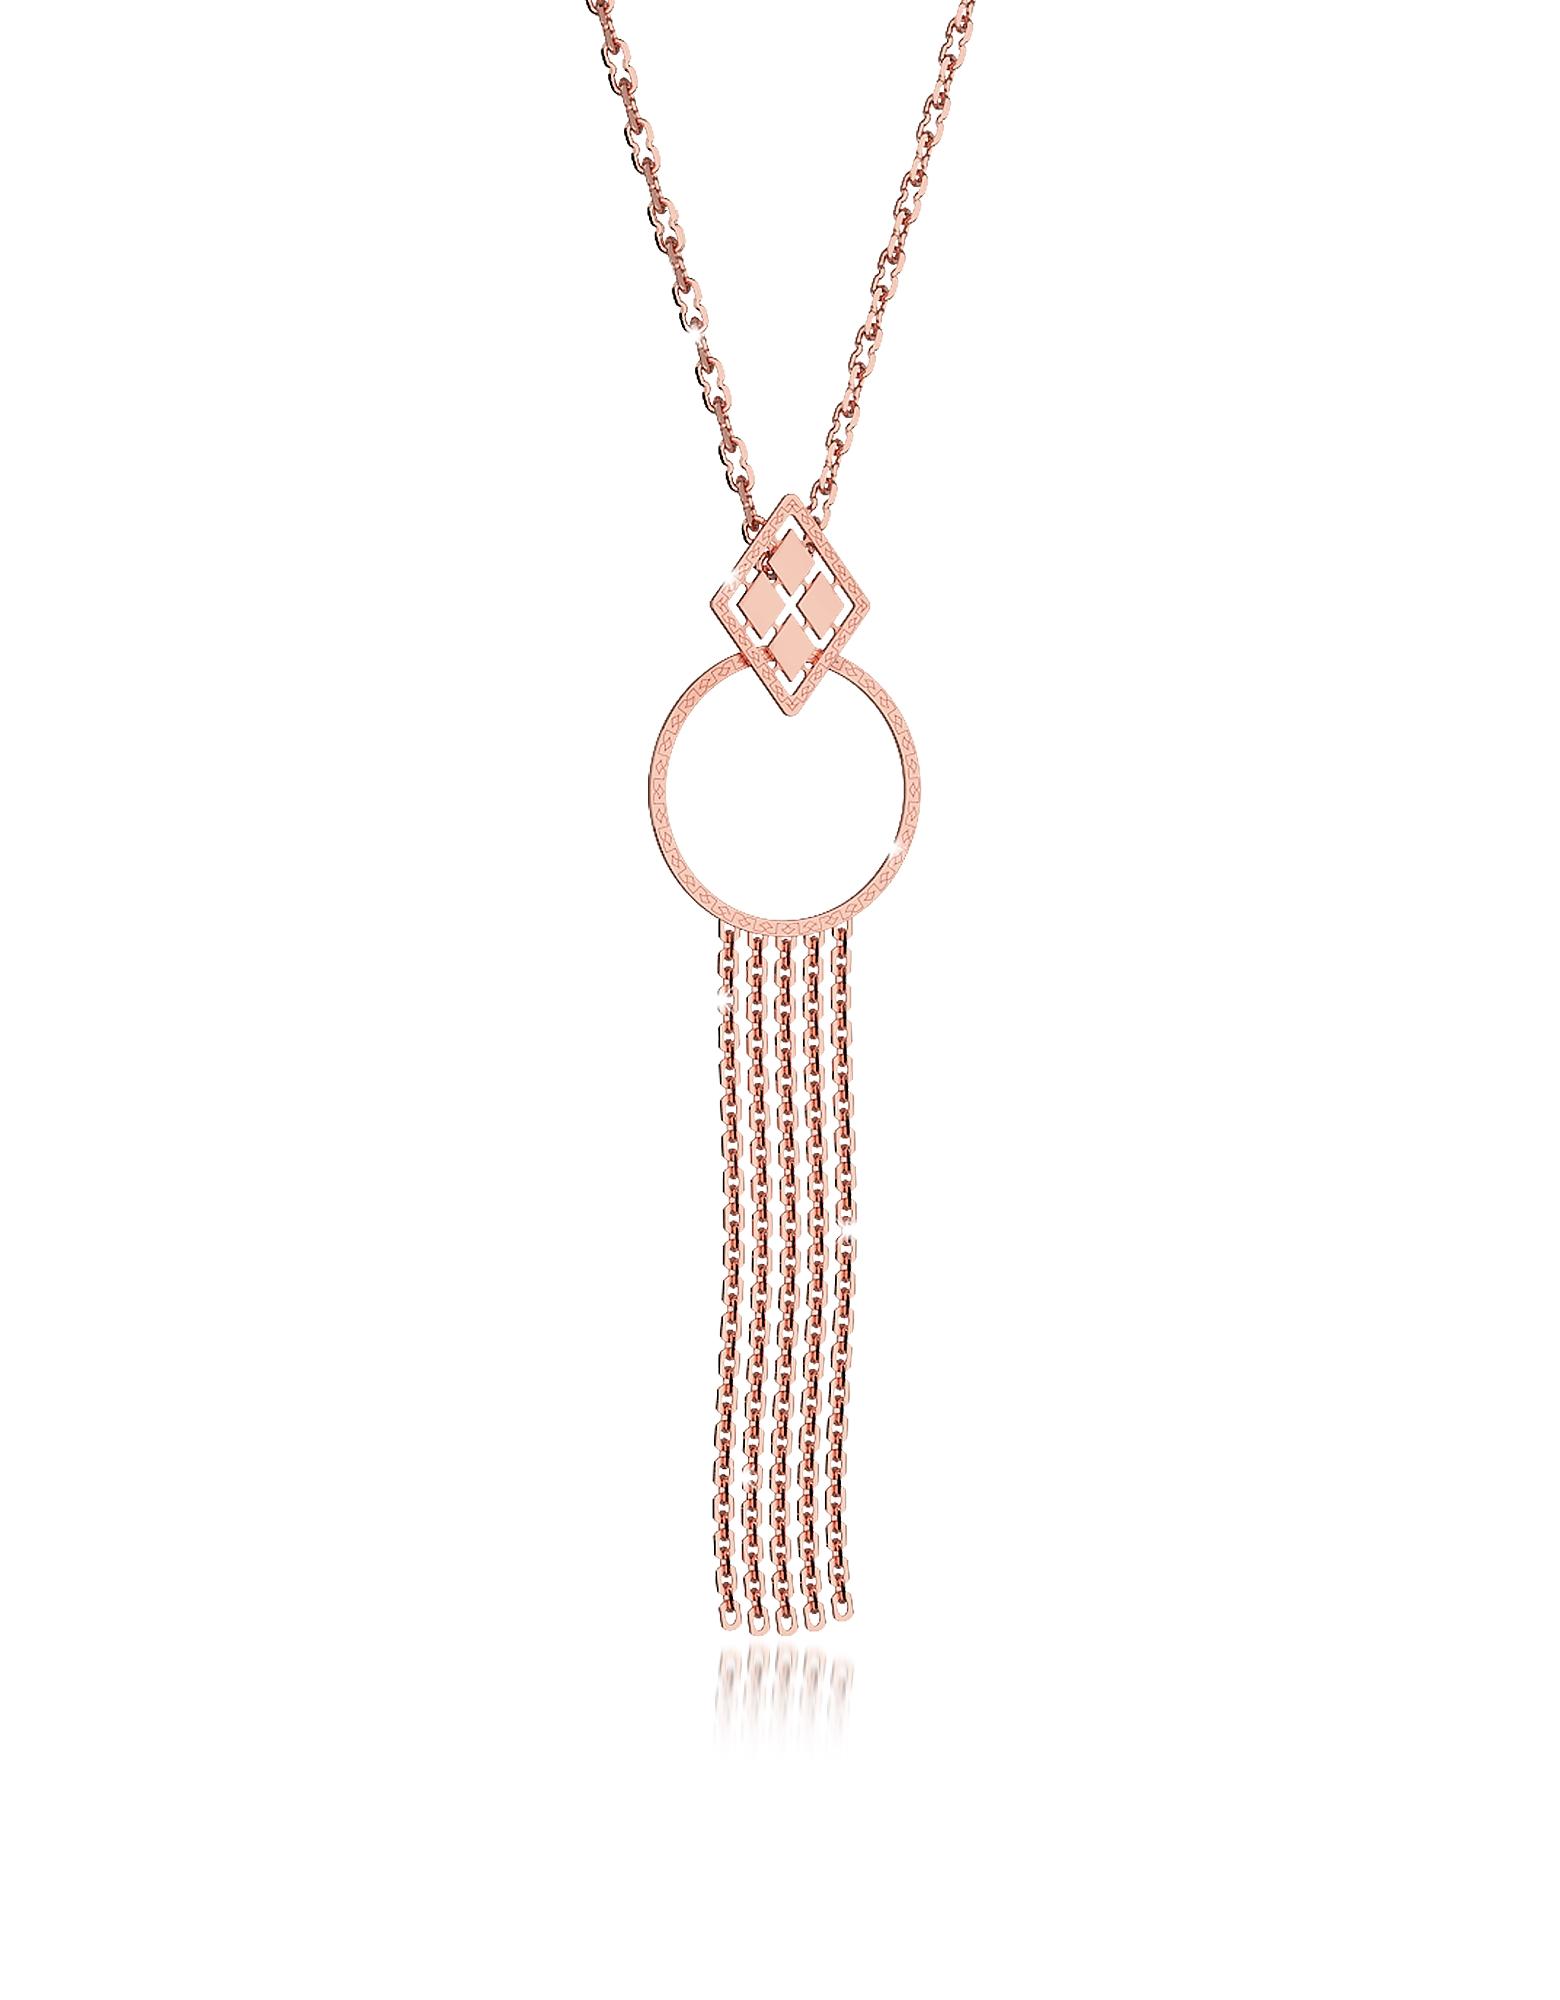 Melrose - Ожерелье из Бронзы с Напылением Розового Золота с Геометрическими Чармами